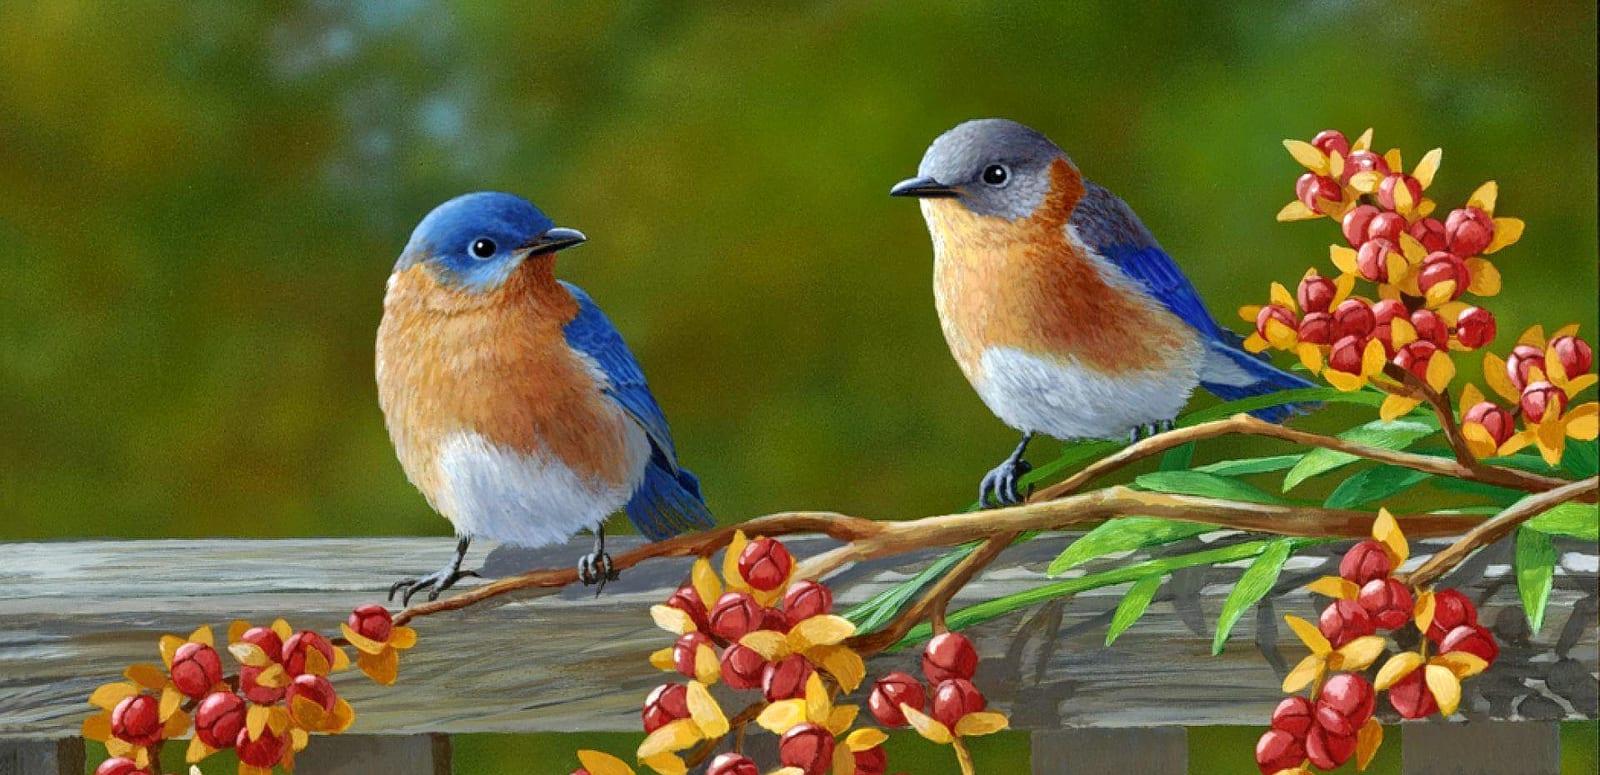 12 Best Bird Sanctuaries in Karnataka - 2019 (with Photos)